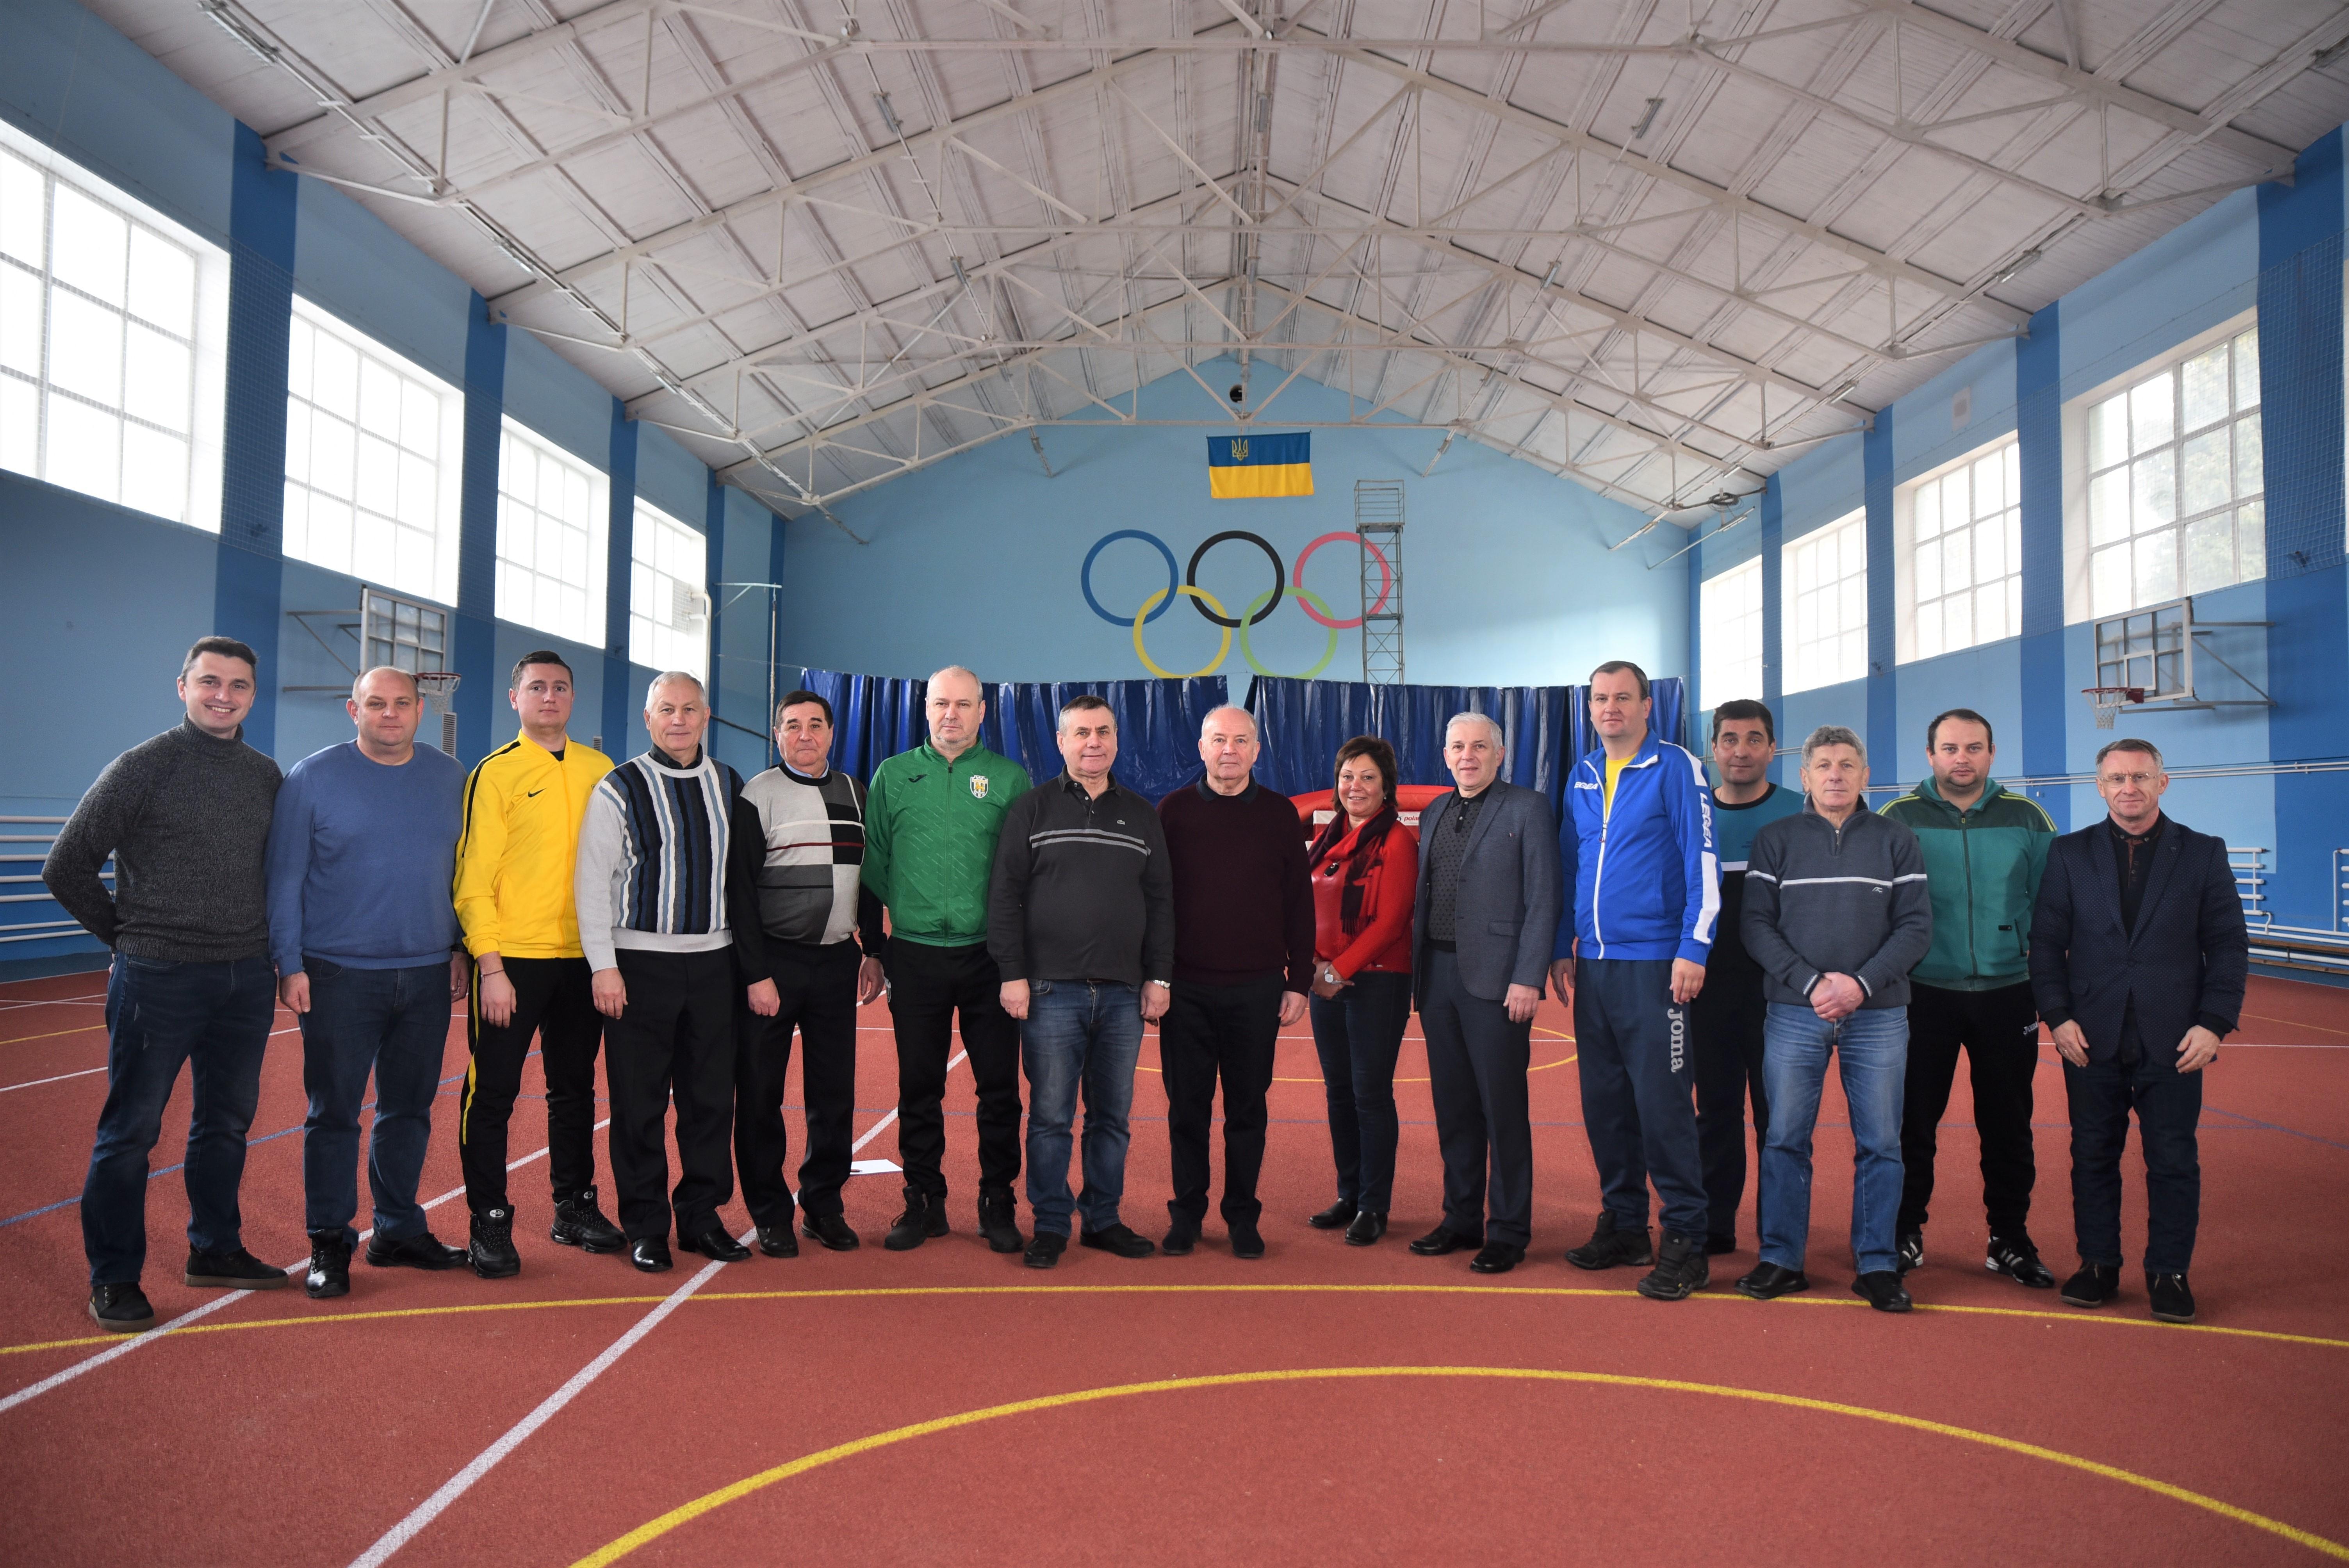 22 січня 2020 року відбувся навчальний семінар для викладачів та інструкторів тренерів, які здійснюють навчання тренерів за різними програмами В-диплому UEFA у Навчальному центрі Львівської Асоціації футболу